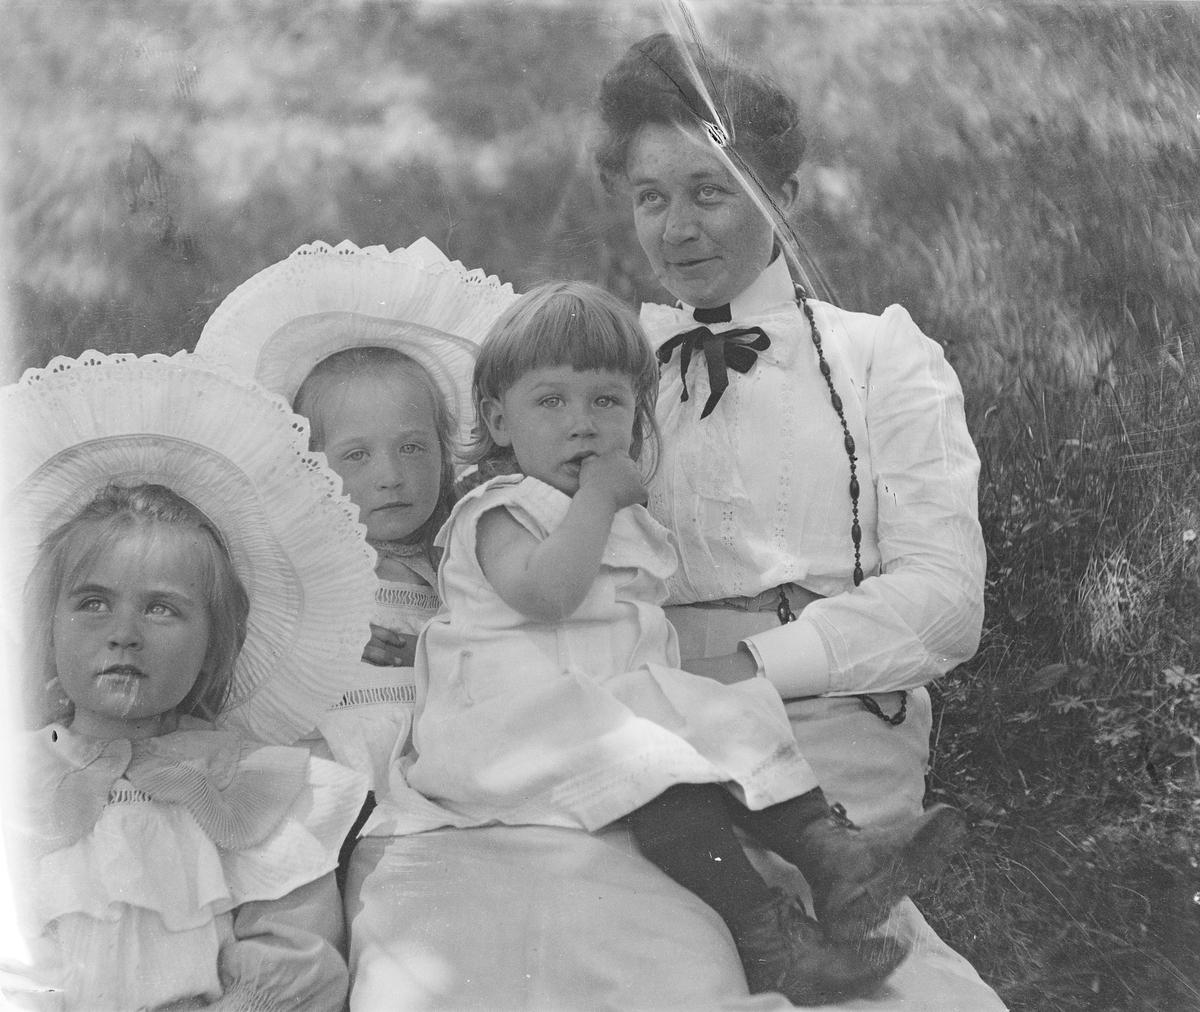 En kvinne sitter sammen med tre små barn i gresset. Den yngste sitter på fanget hennes.